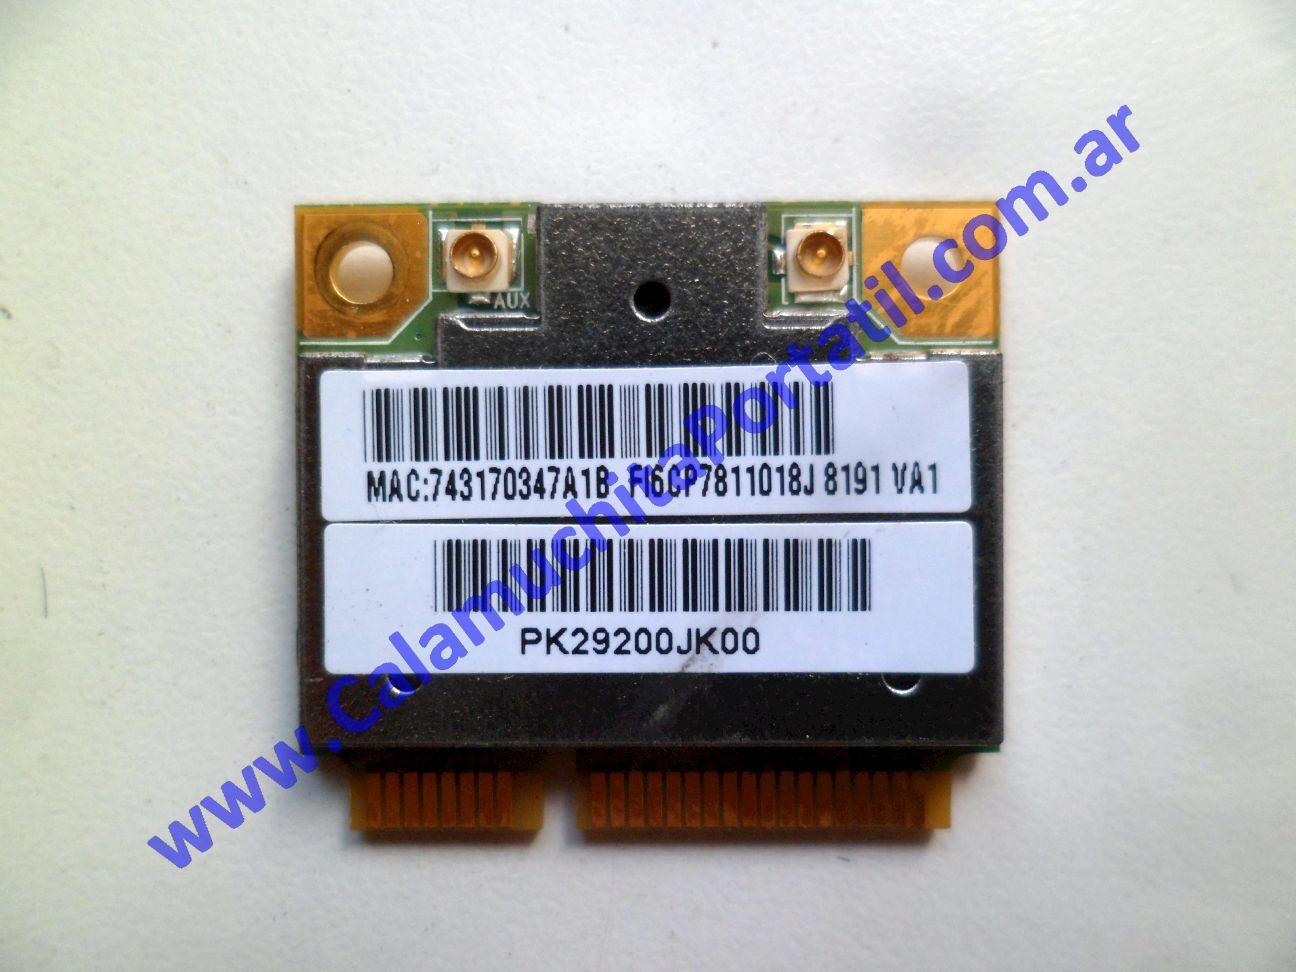 0511PWI Placa Wifi KenBrown PCW20